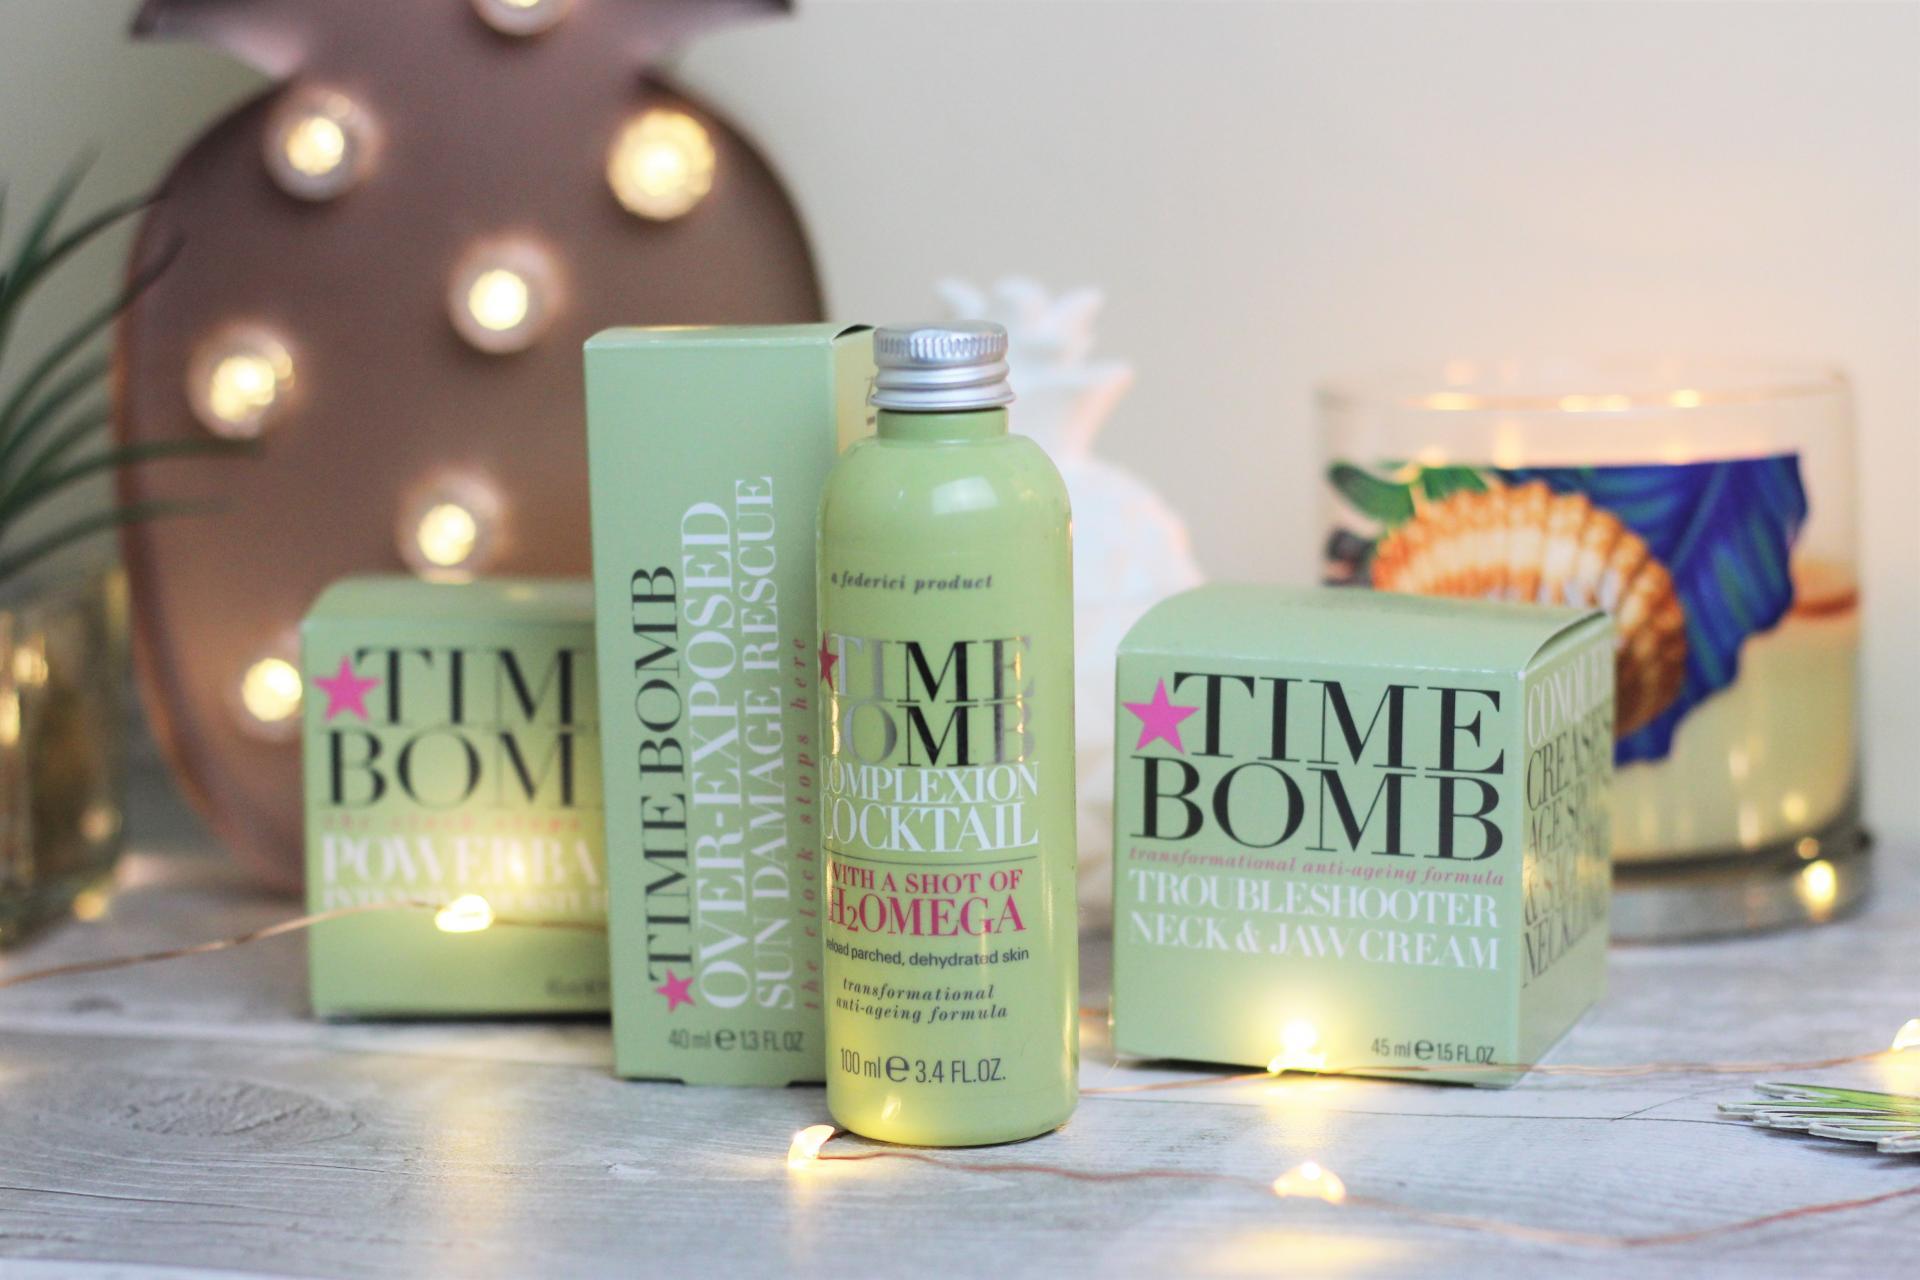 Time Bomb Skincare